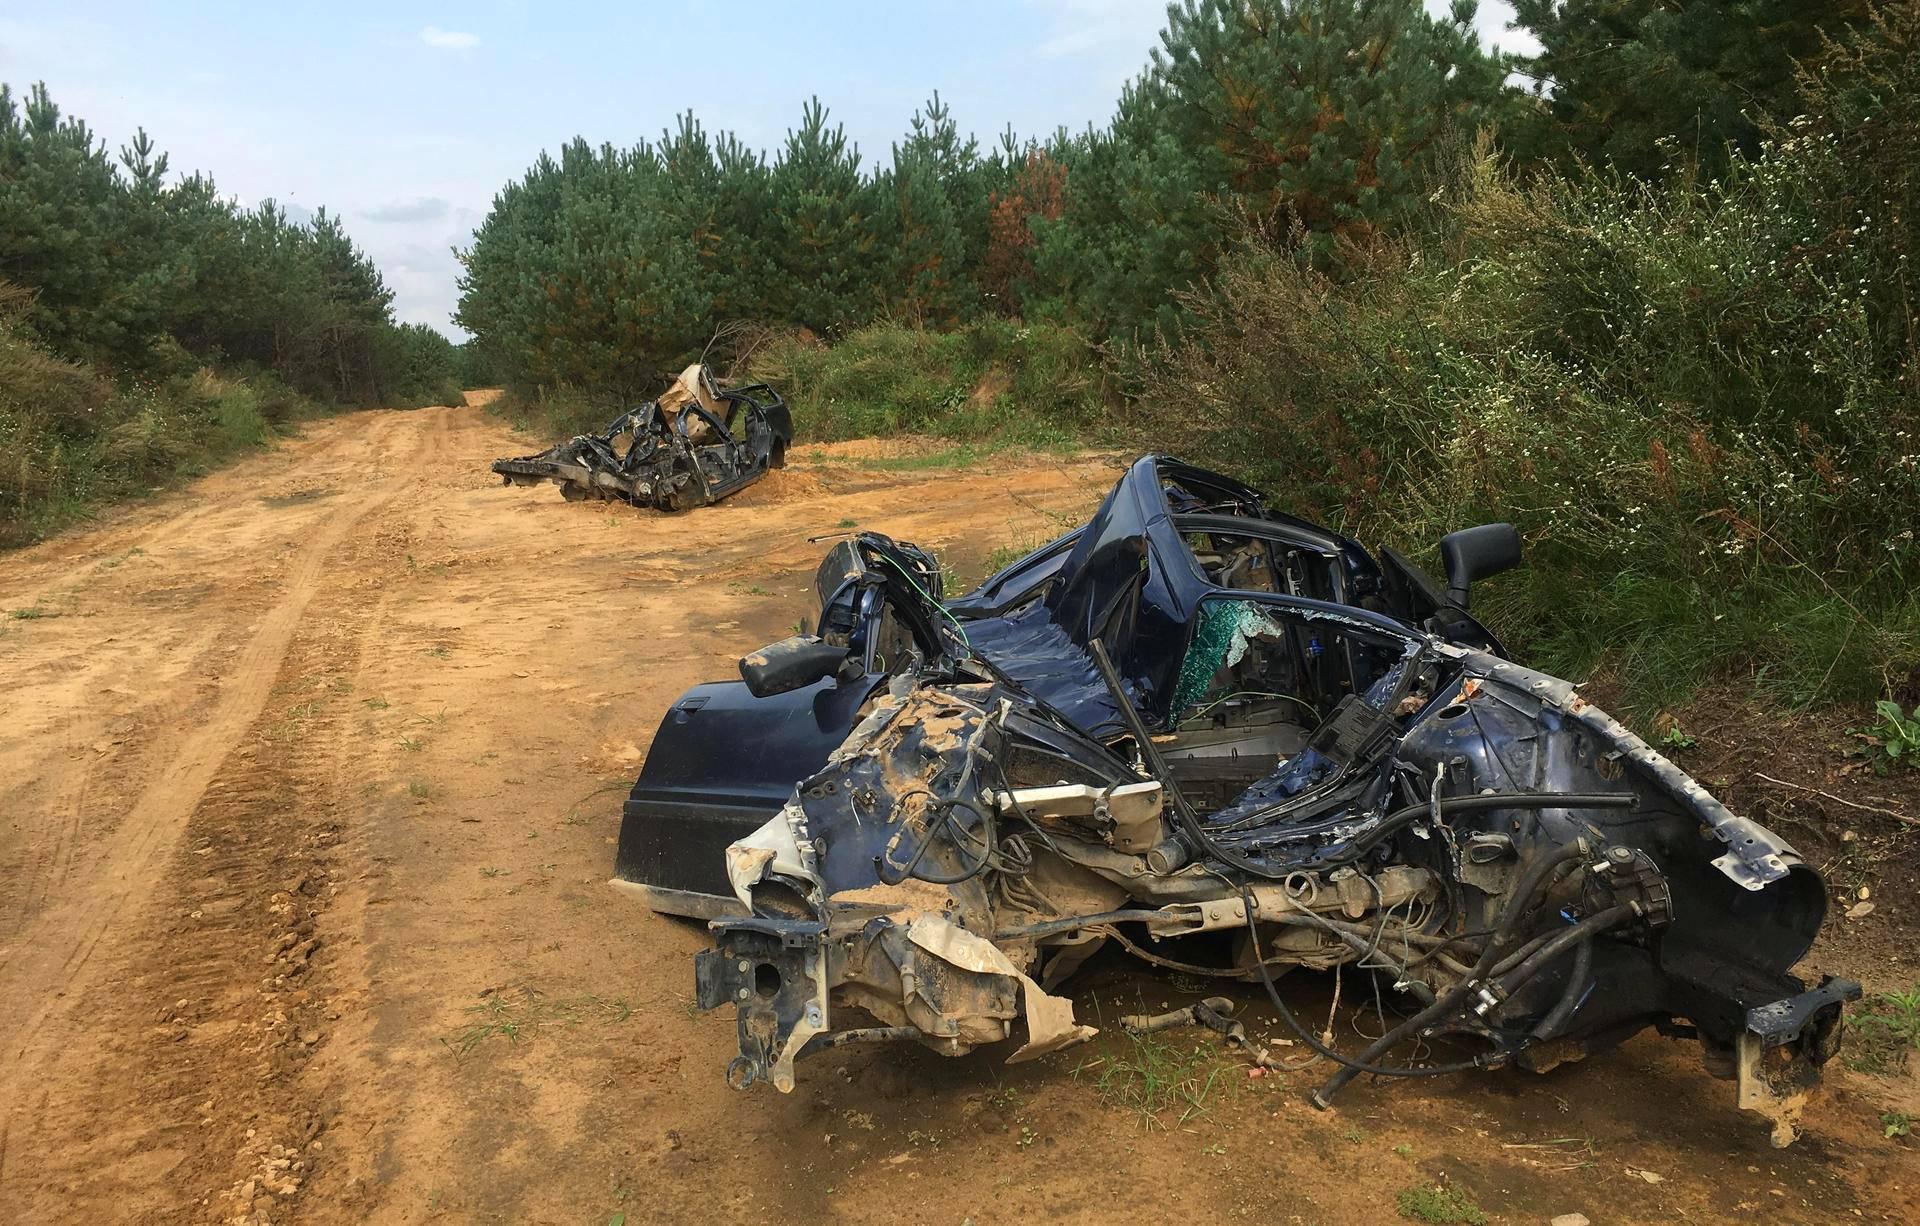 Taisteluharjoituksissa käytetään myös vanhoja autonromuja. Tämä auto on jäänyt muutaman kerran panssaroidun miehistönkuljetusvaunun alle.